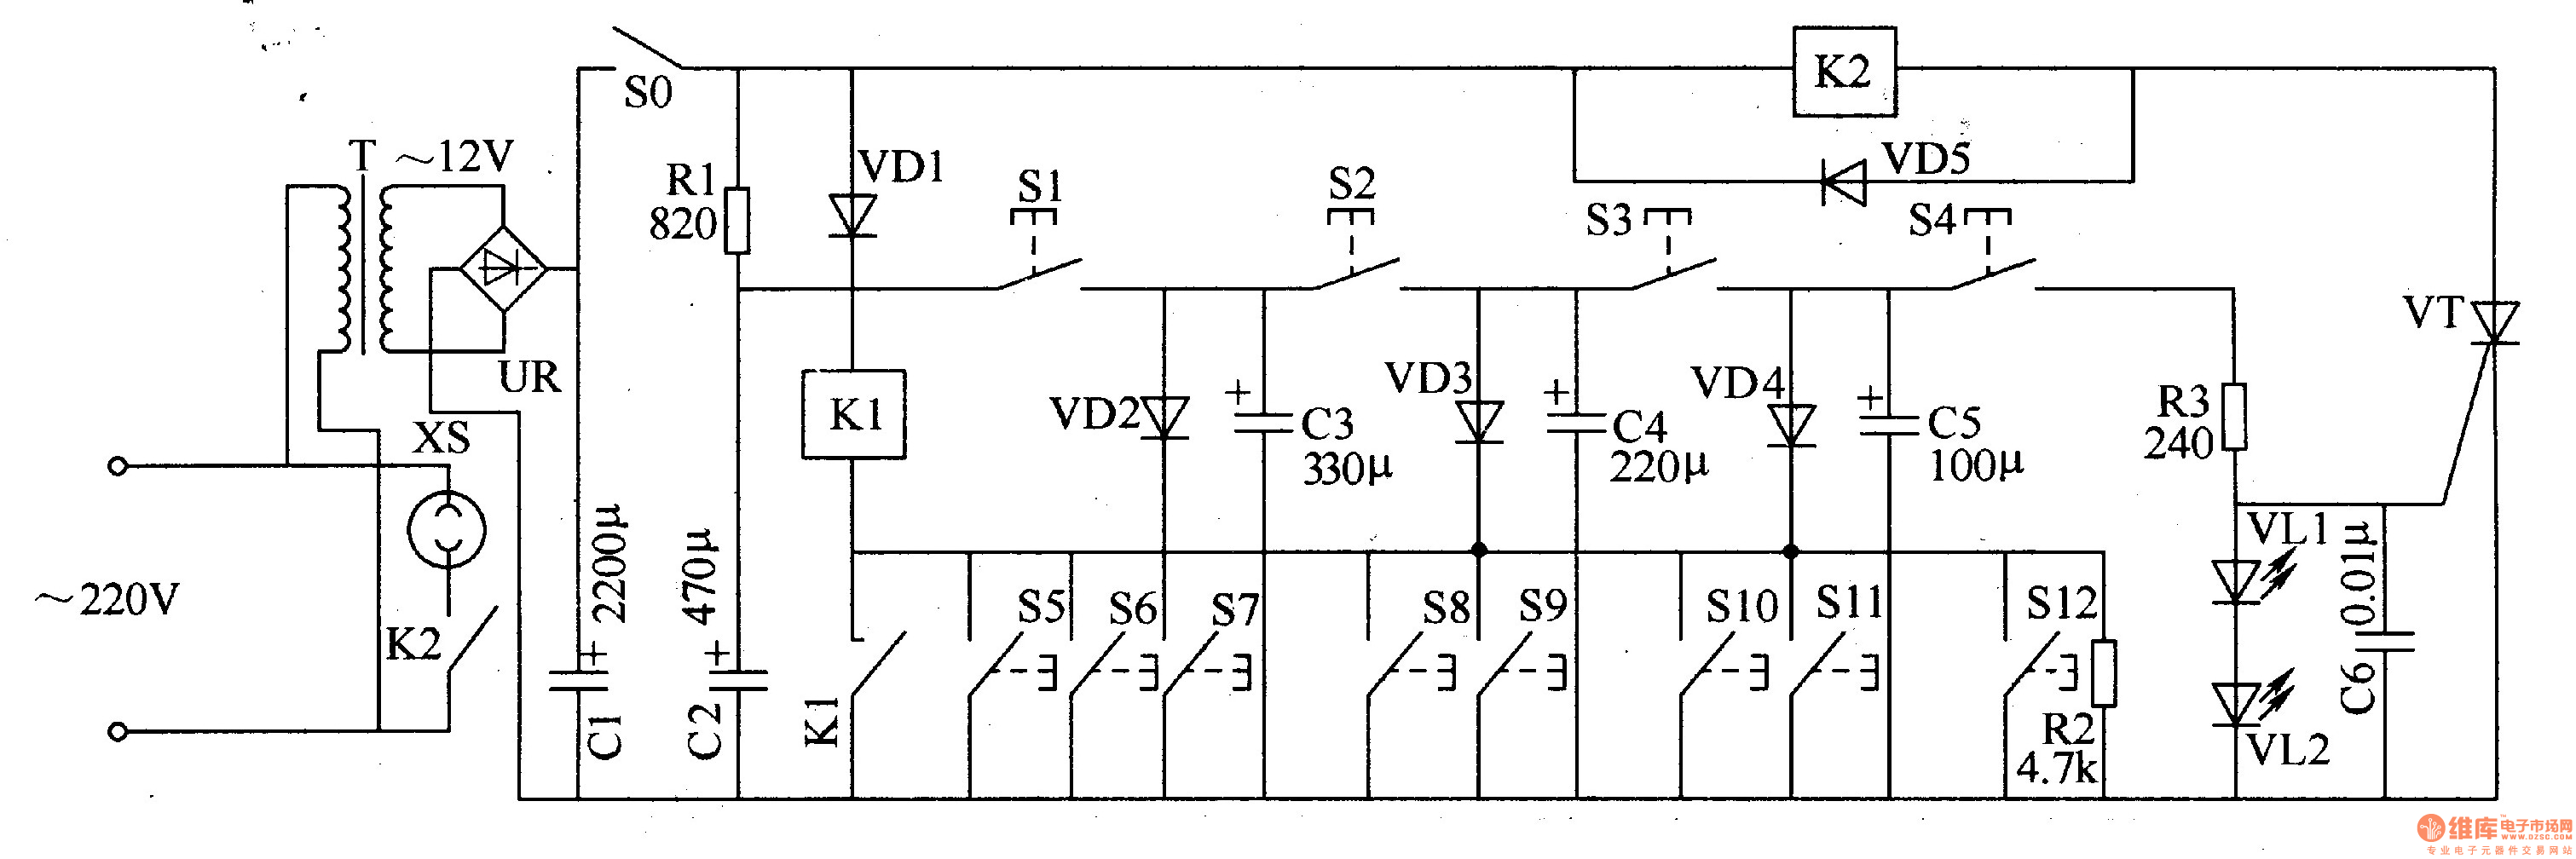 Digital Lock 6 Electrical Equipment Circuit Diagram Relay Power Locks S10